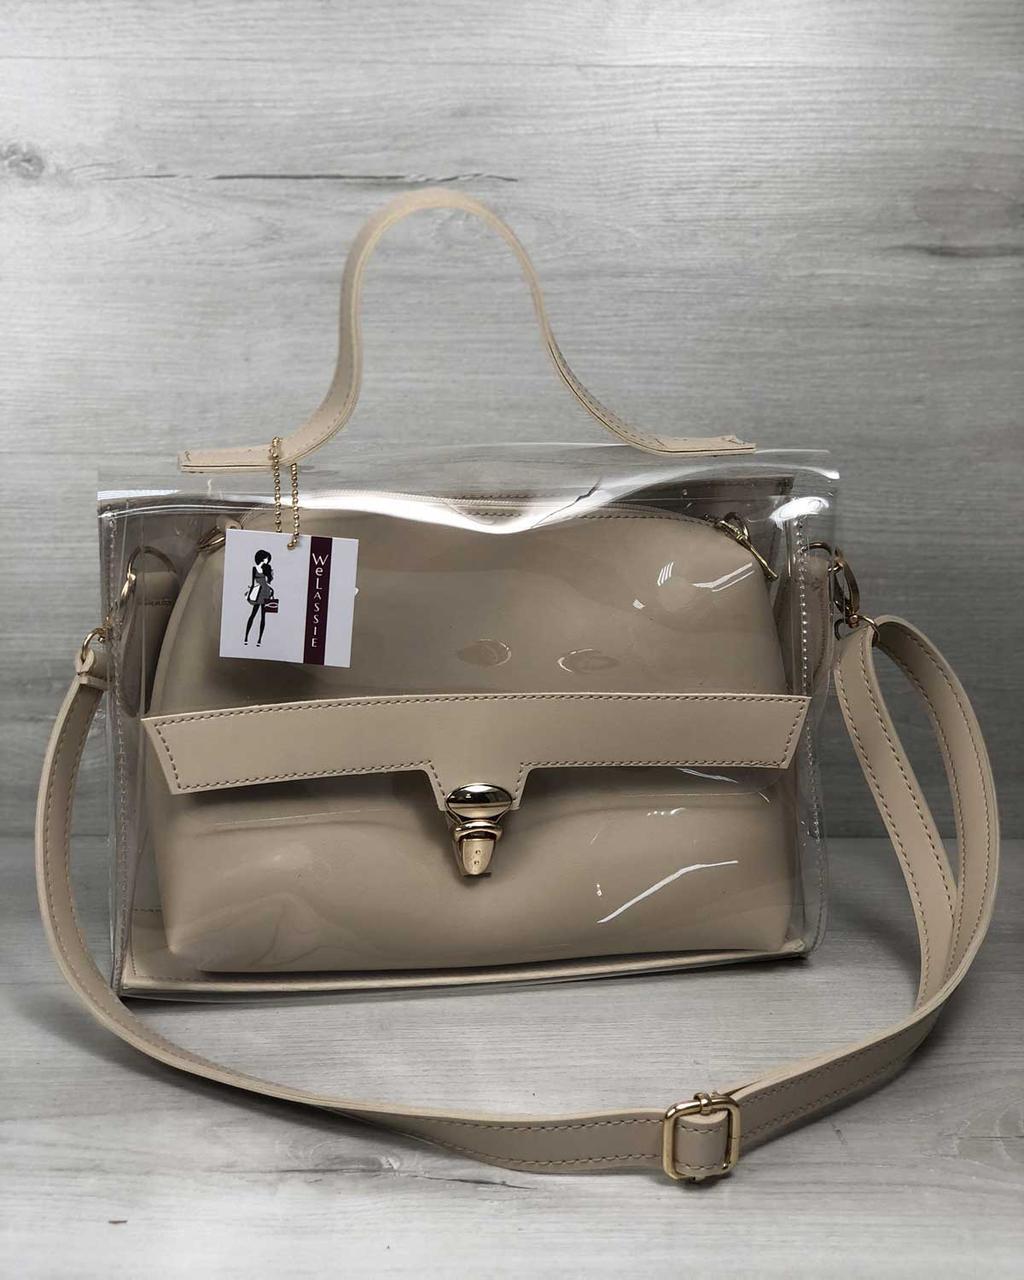 8573a044b2a6 2в1 Молодежная сумка Эрика бежевого цвета с силиконом (прозрачная ...